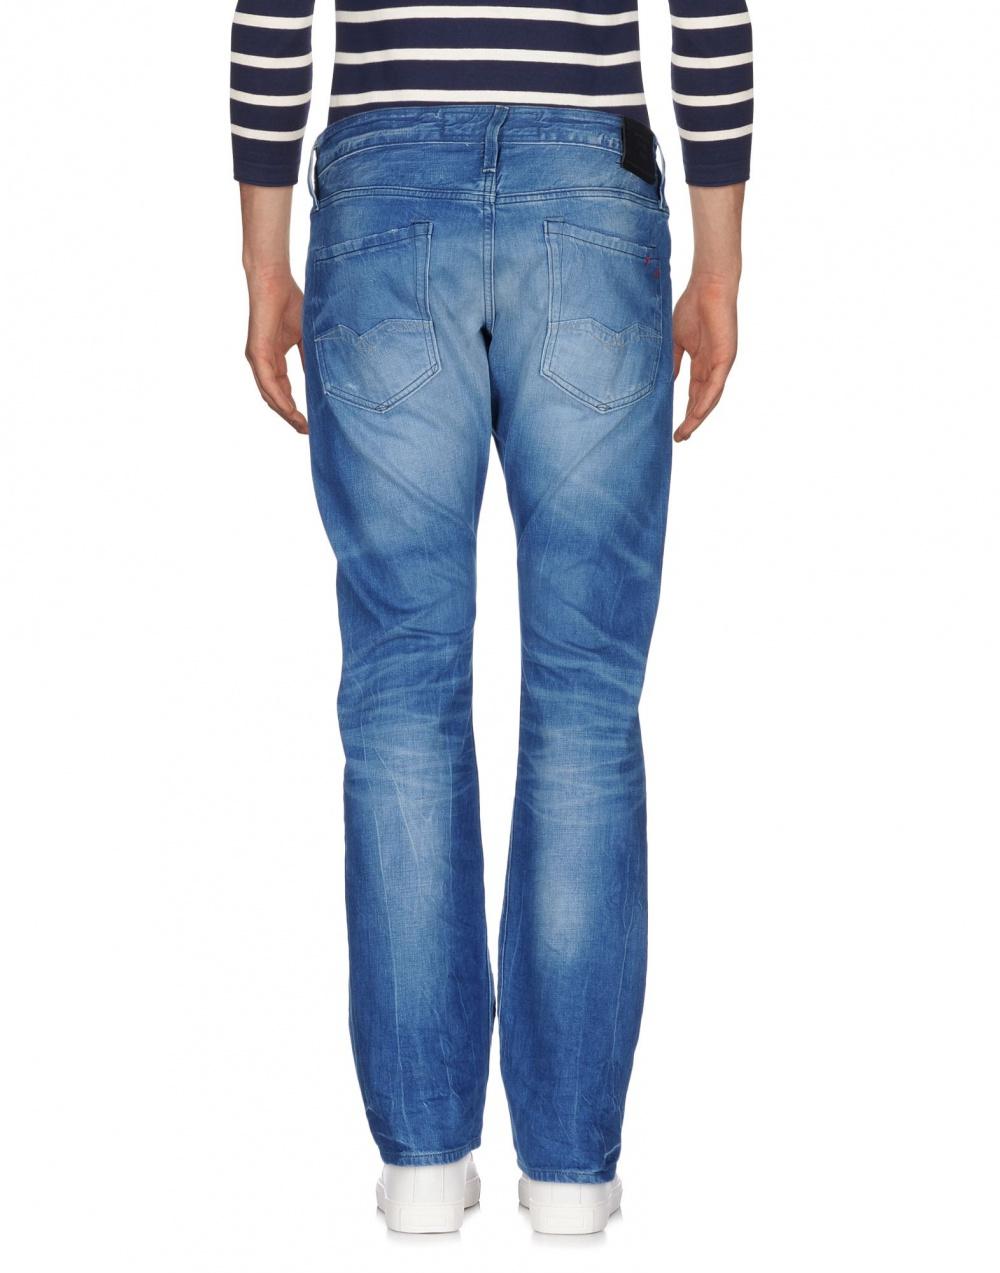 Мужские джинсы REPLAY, 29W-34L (Размер Джинсов).